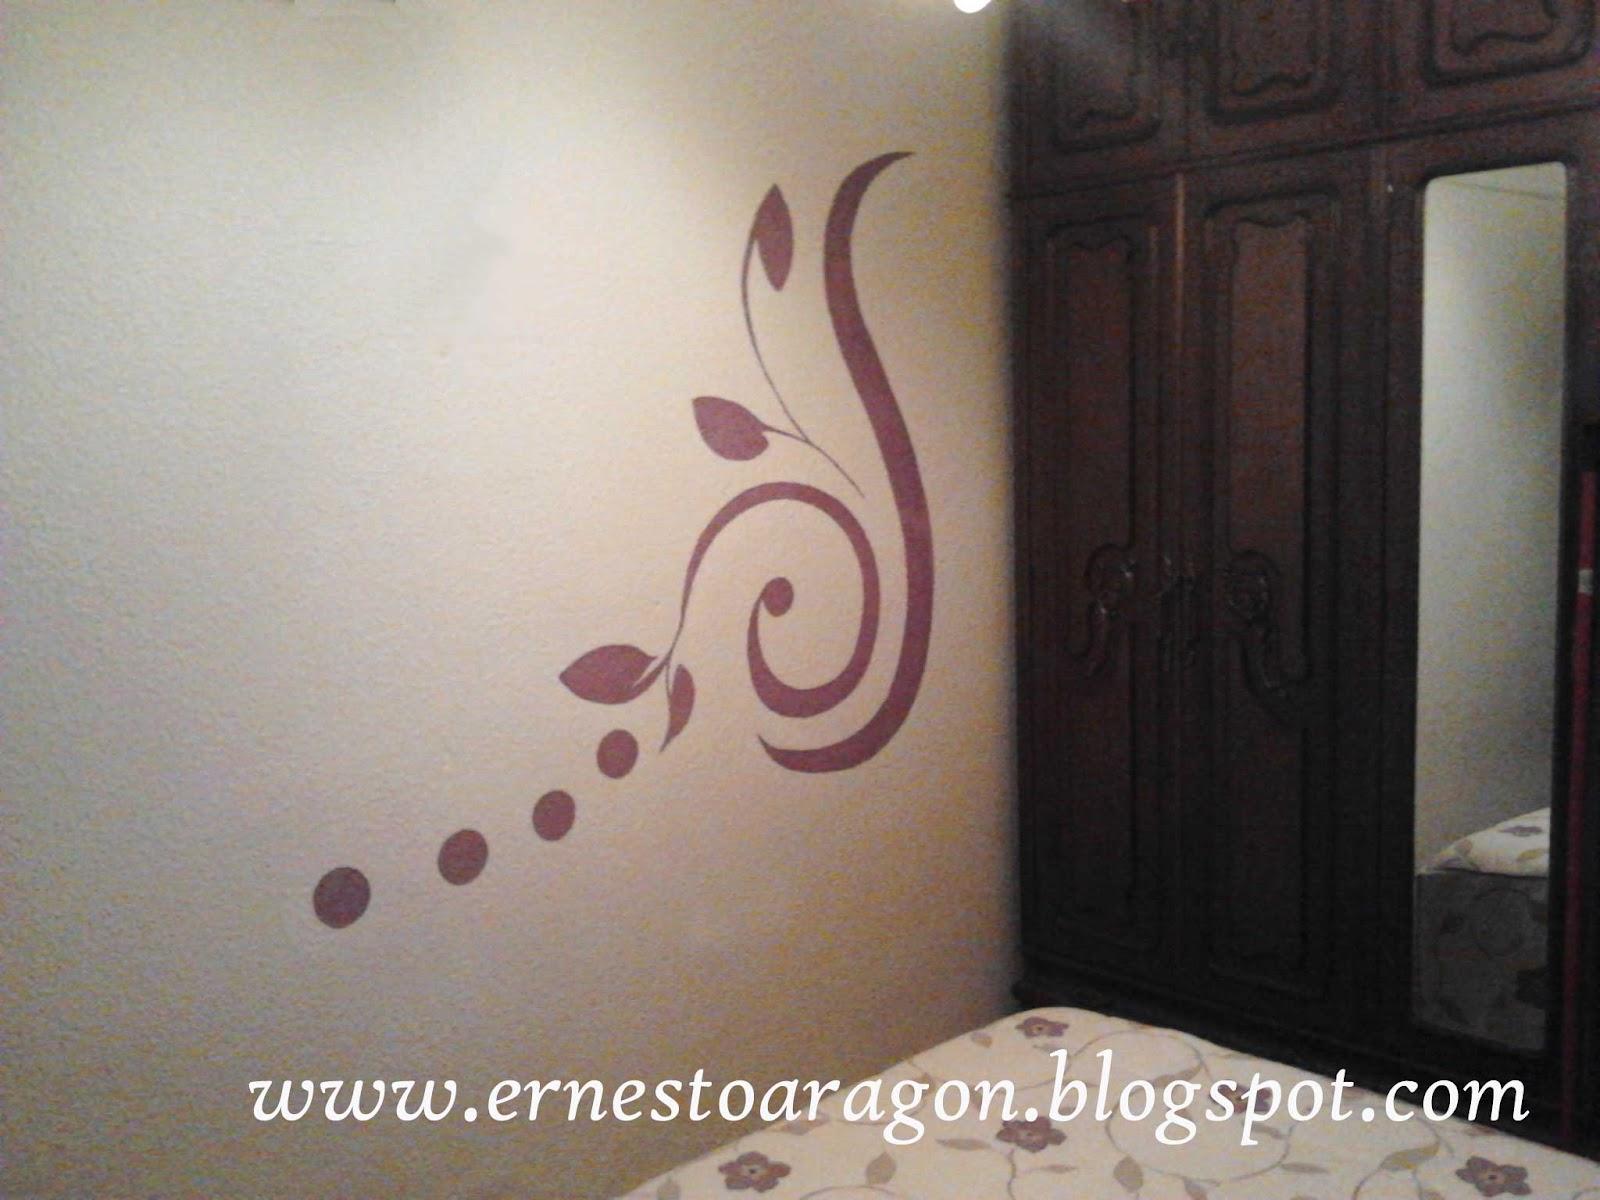 Ernesto arag n pintura para el hogar un vinilo a mano - Decorar paredes de gotele ...